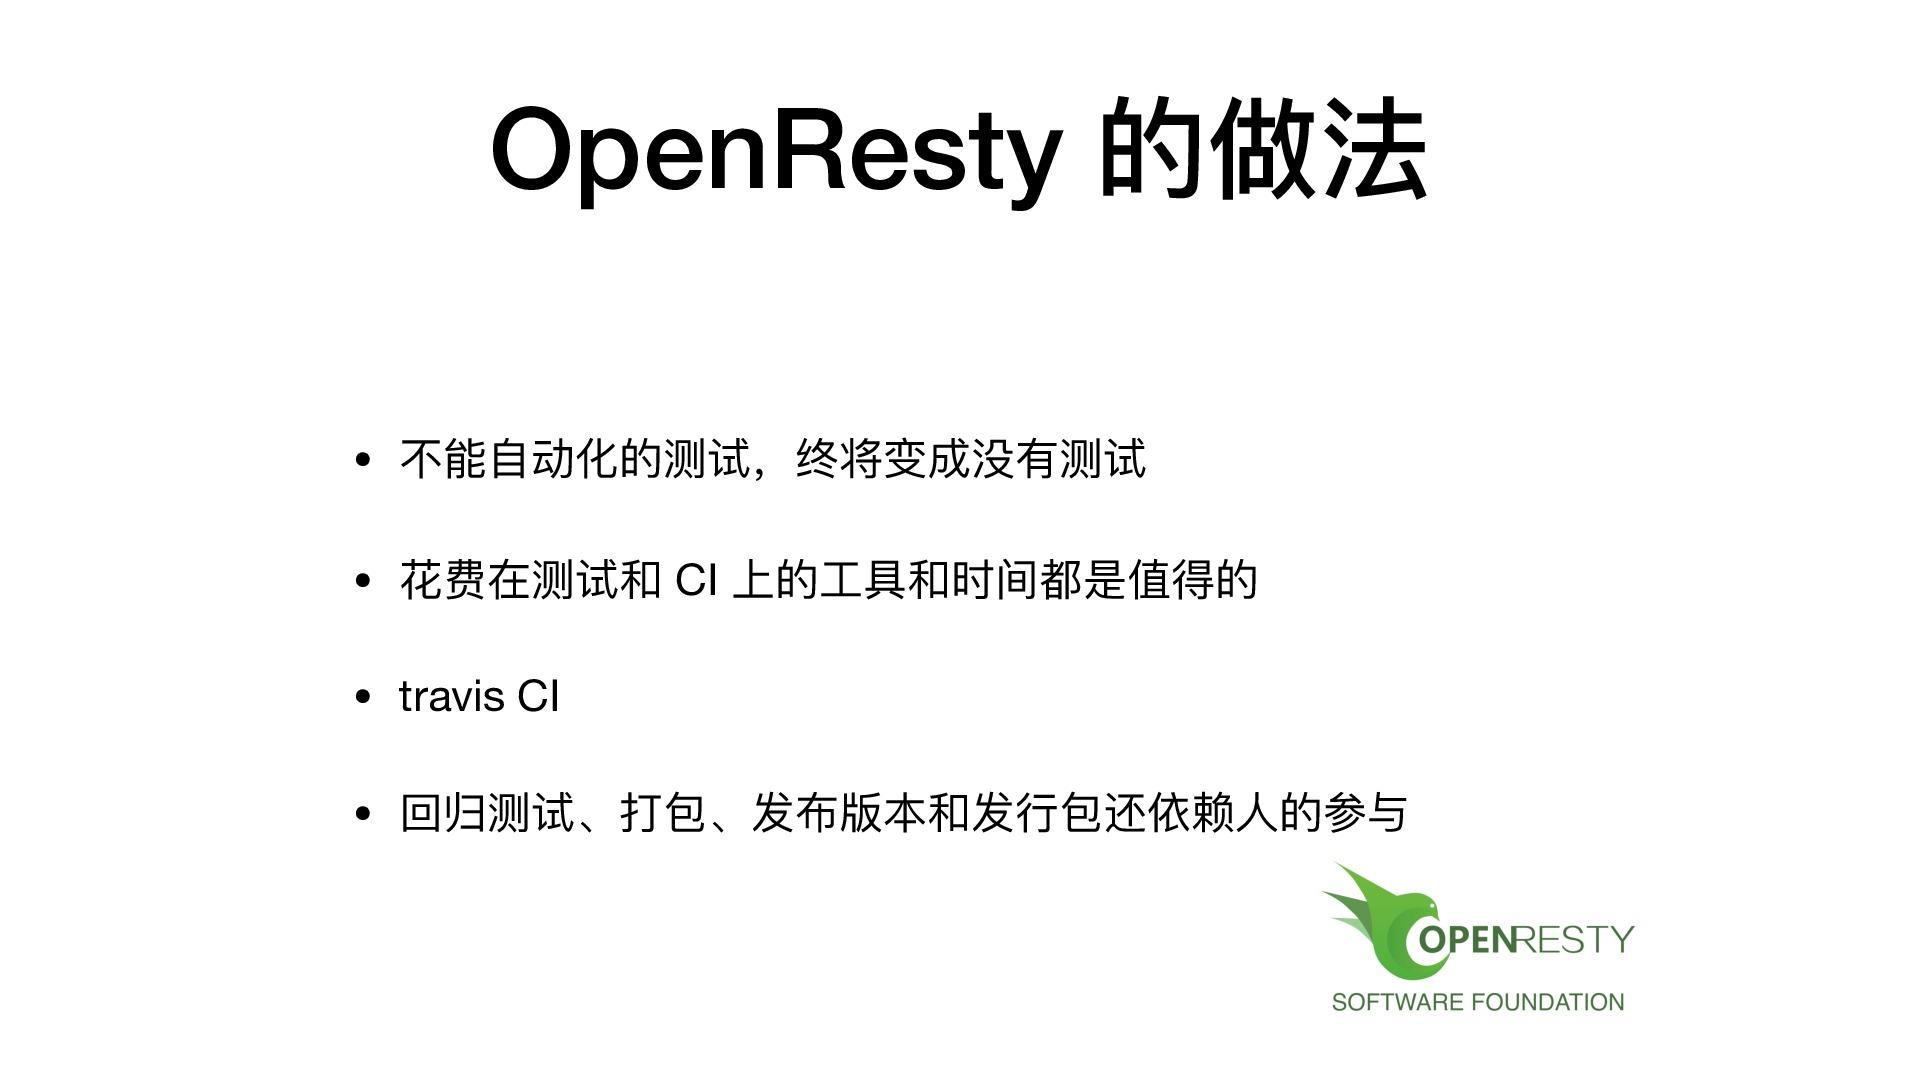 https://opentalk-blog.b0.upaiyun.com/prod/2019-07-18/ec2448bfeadf18c36353583f8560b180